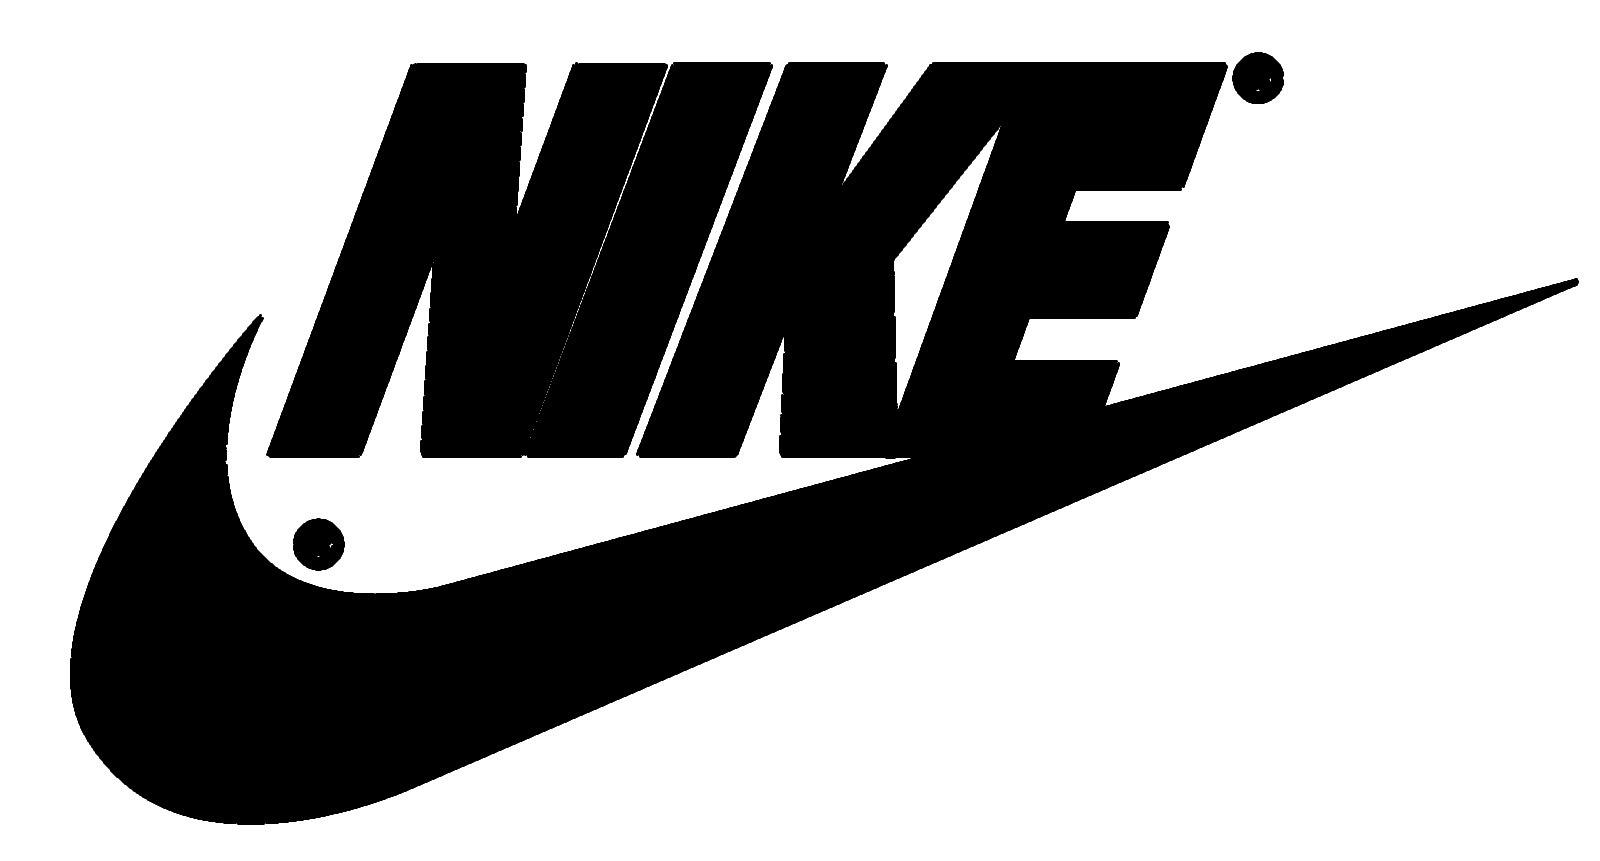 Логотип «Найк» с 1978 по 1985 года